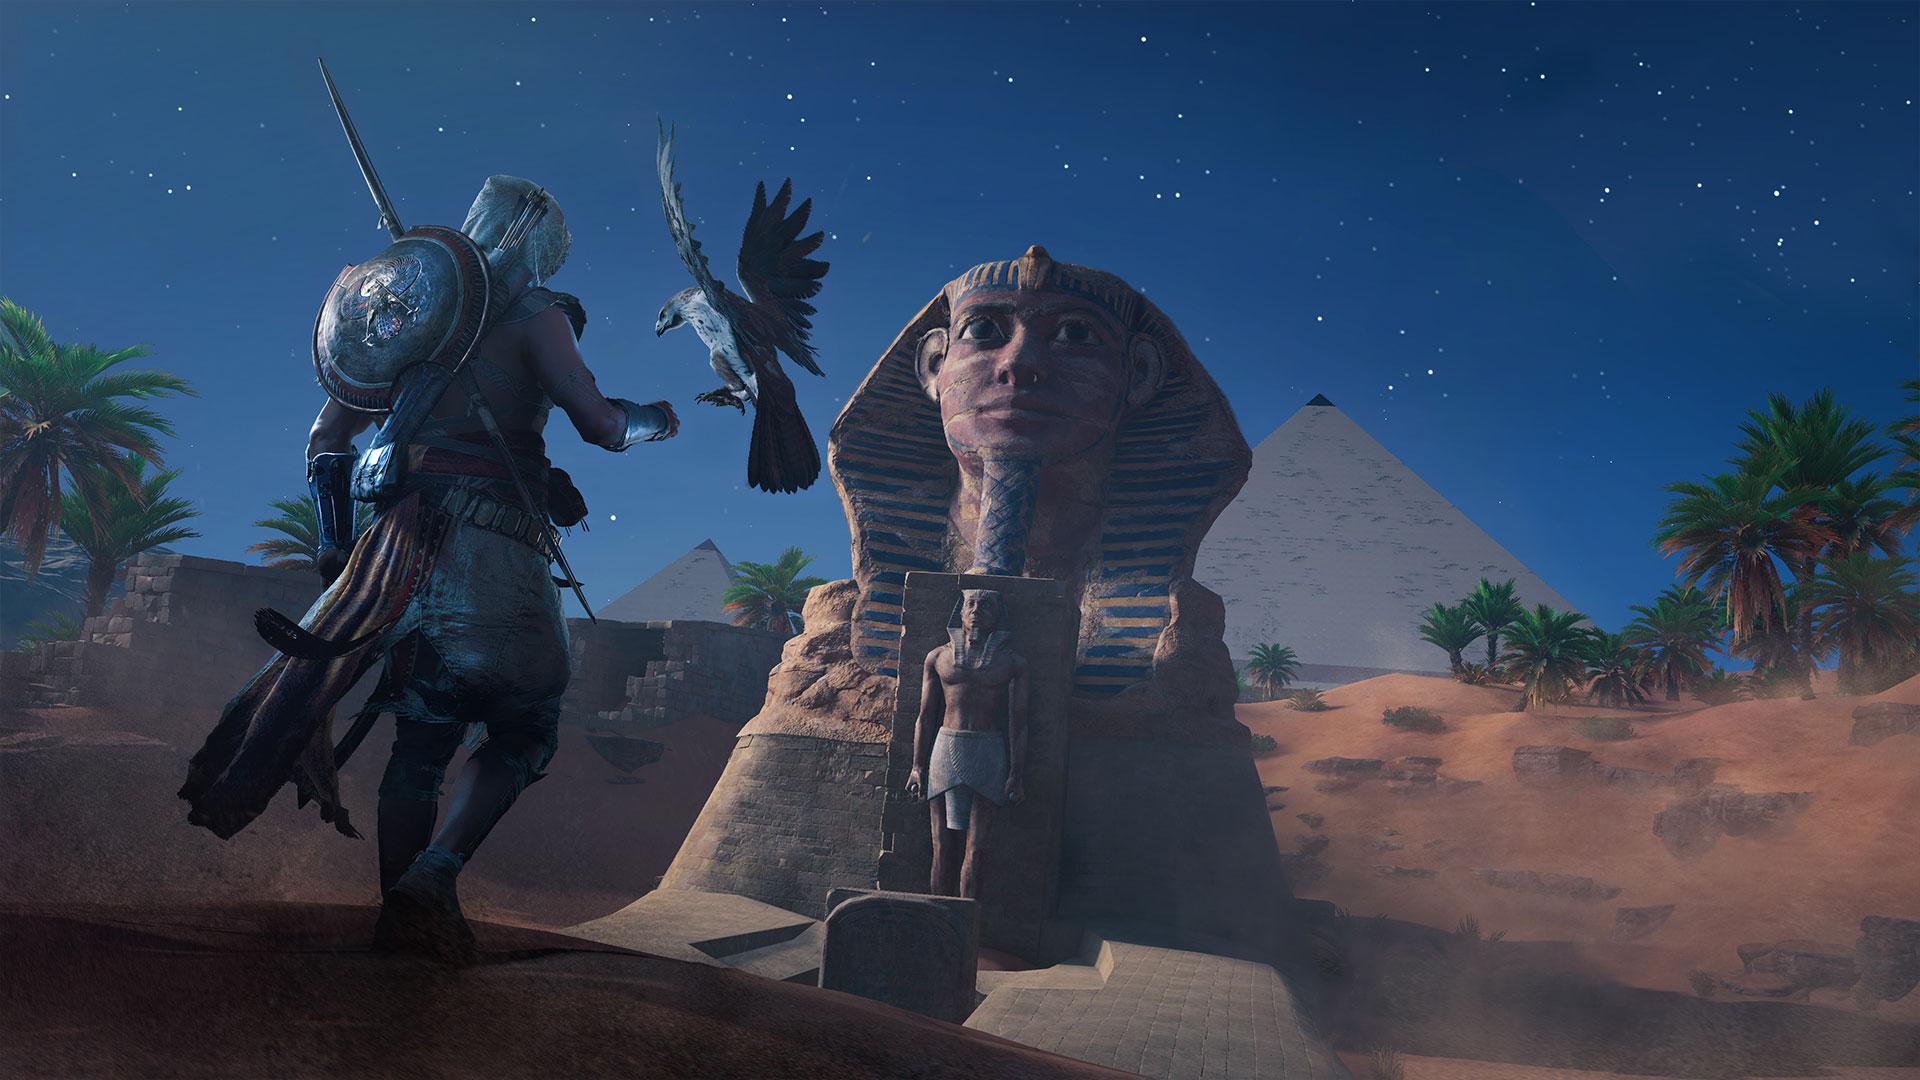 Το τρέηλερ για το «Assassin's Creed: Origins» μας έψησε για εξερεύνηση στον κόσμο της Αρχαίας Αιγύπτου